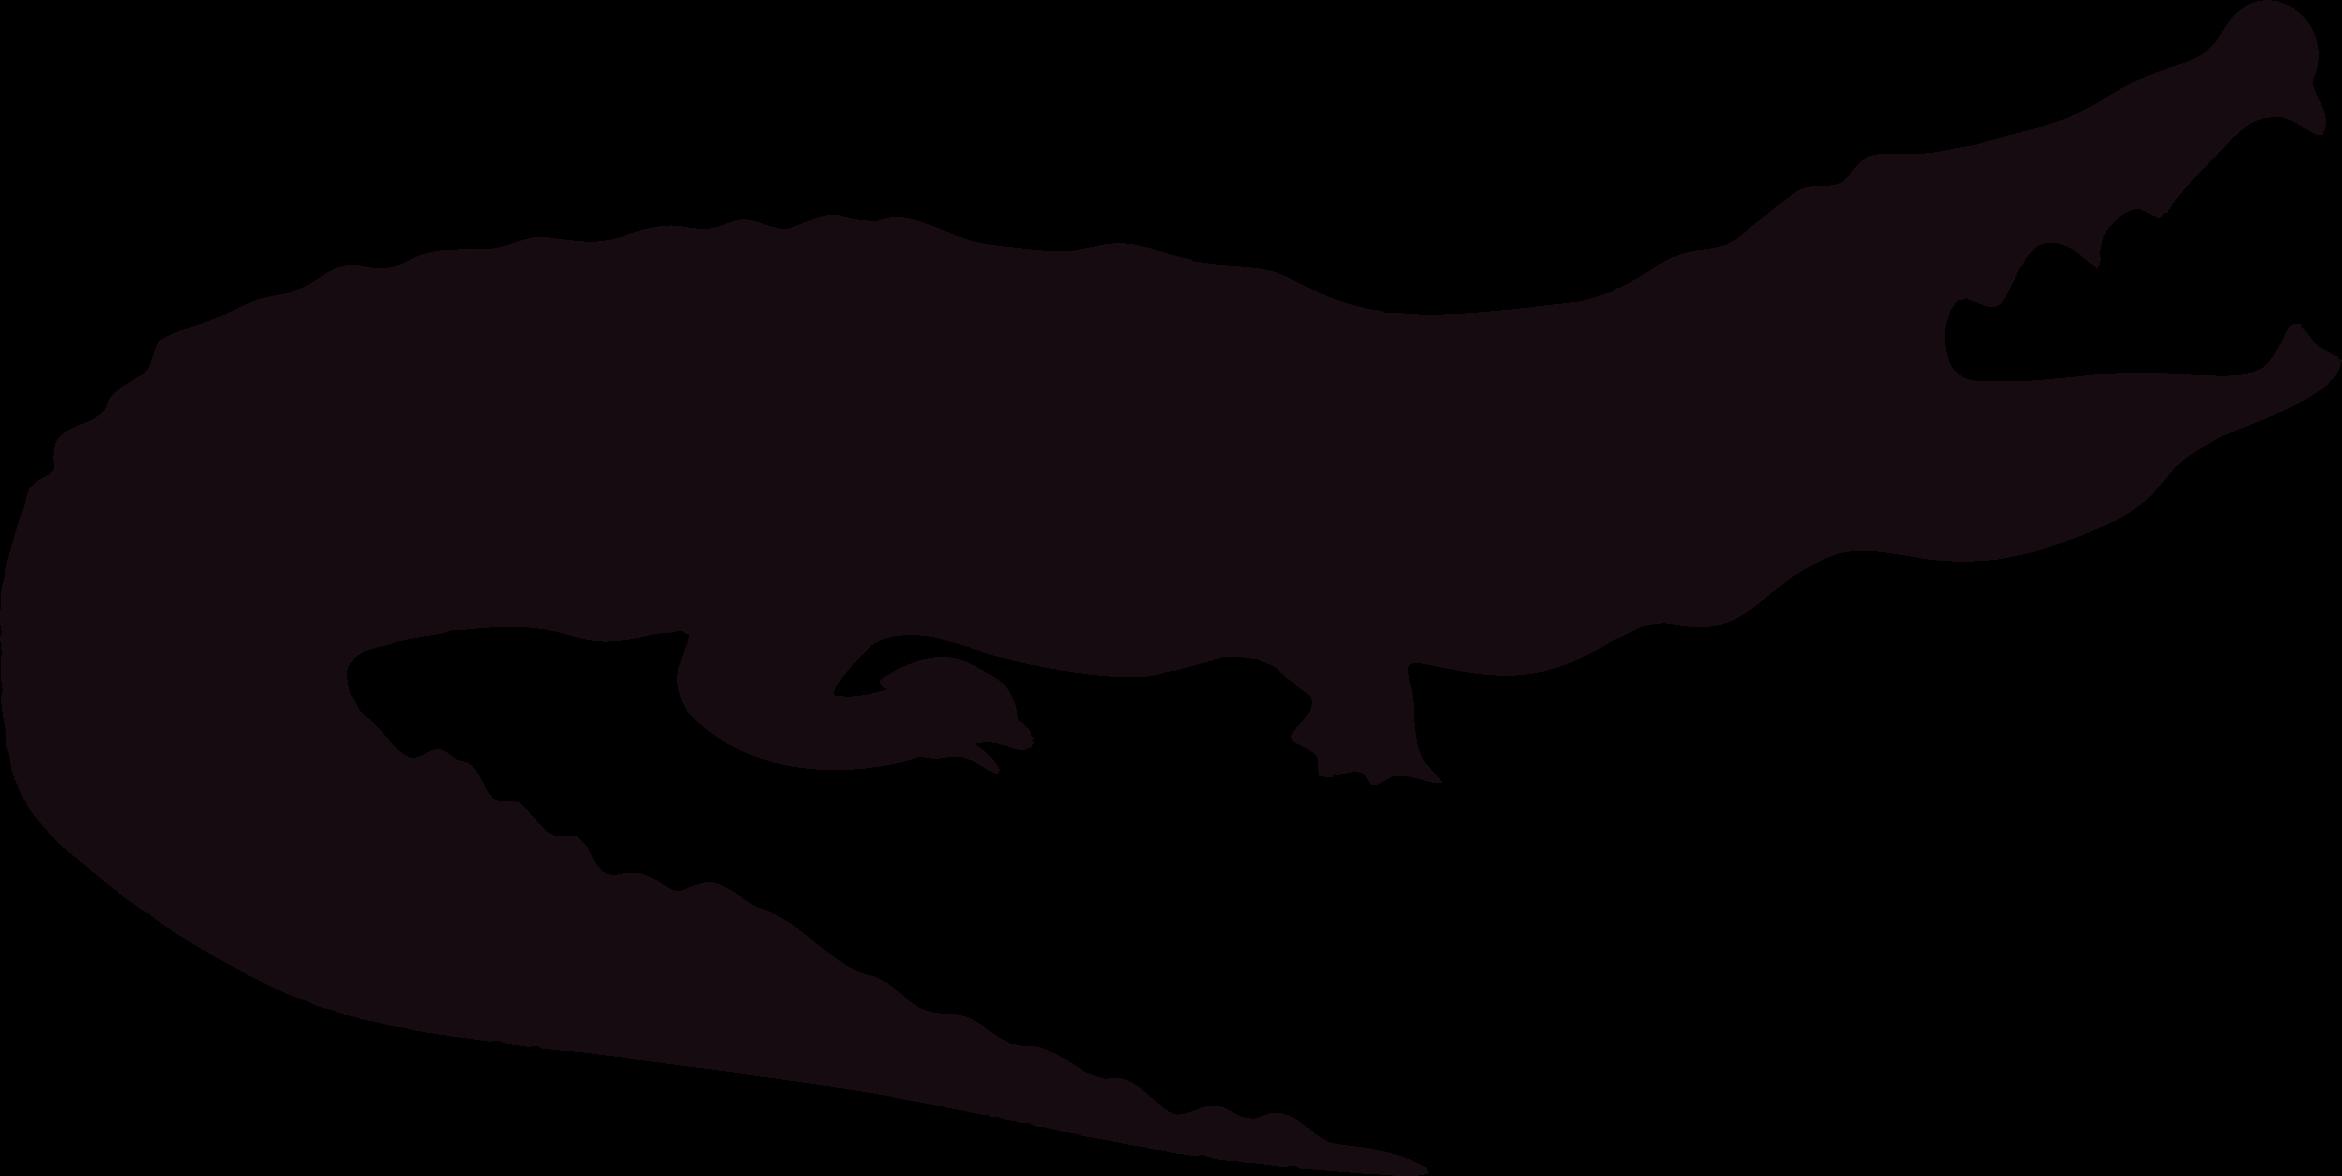 Clipart hippo crocodile. Alligator silhouette big image